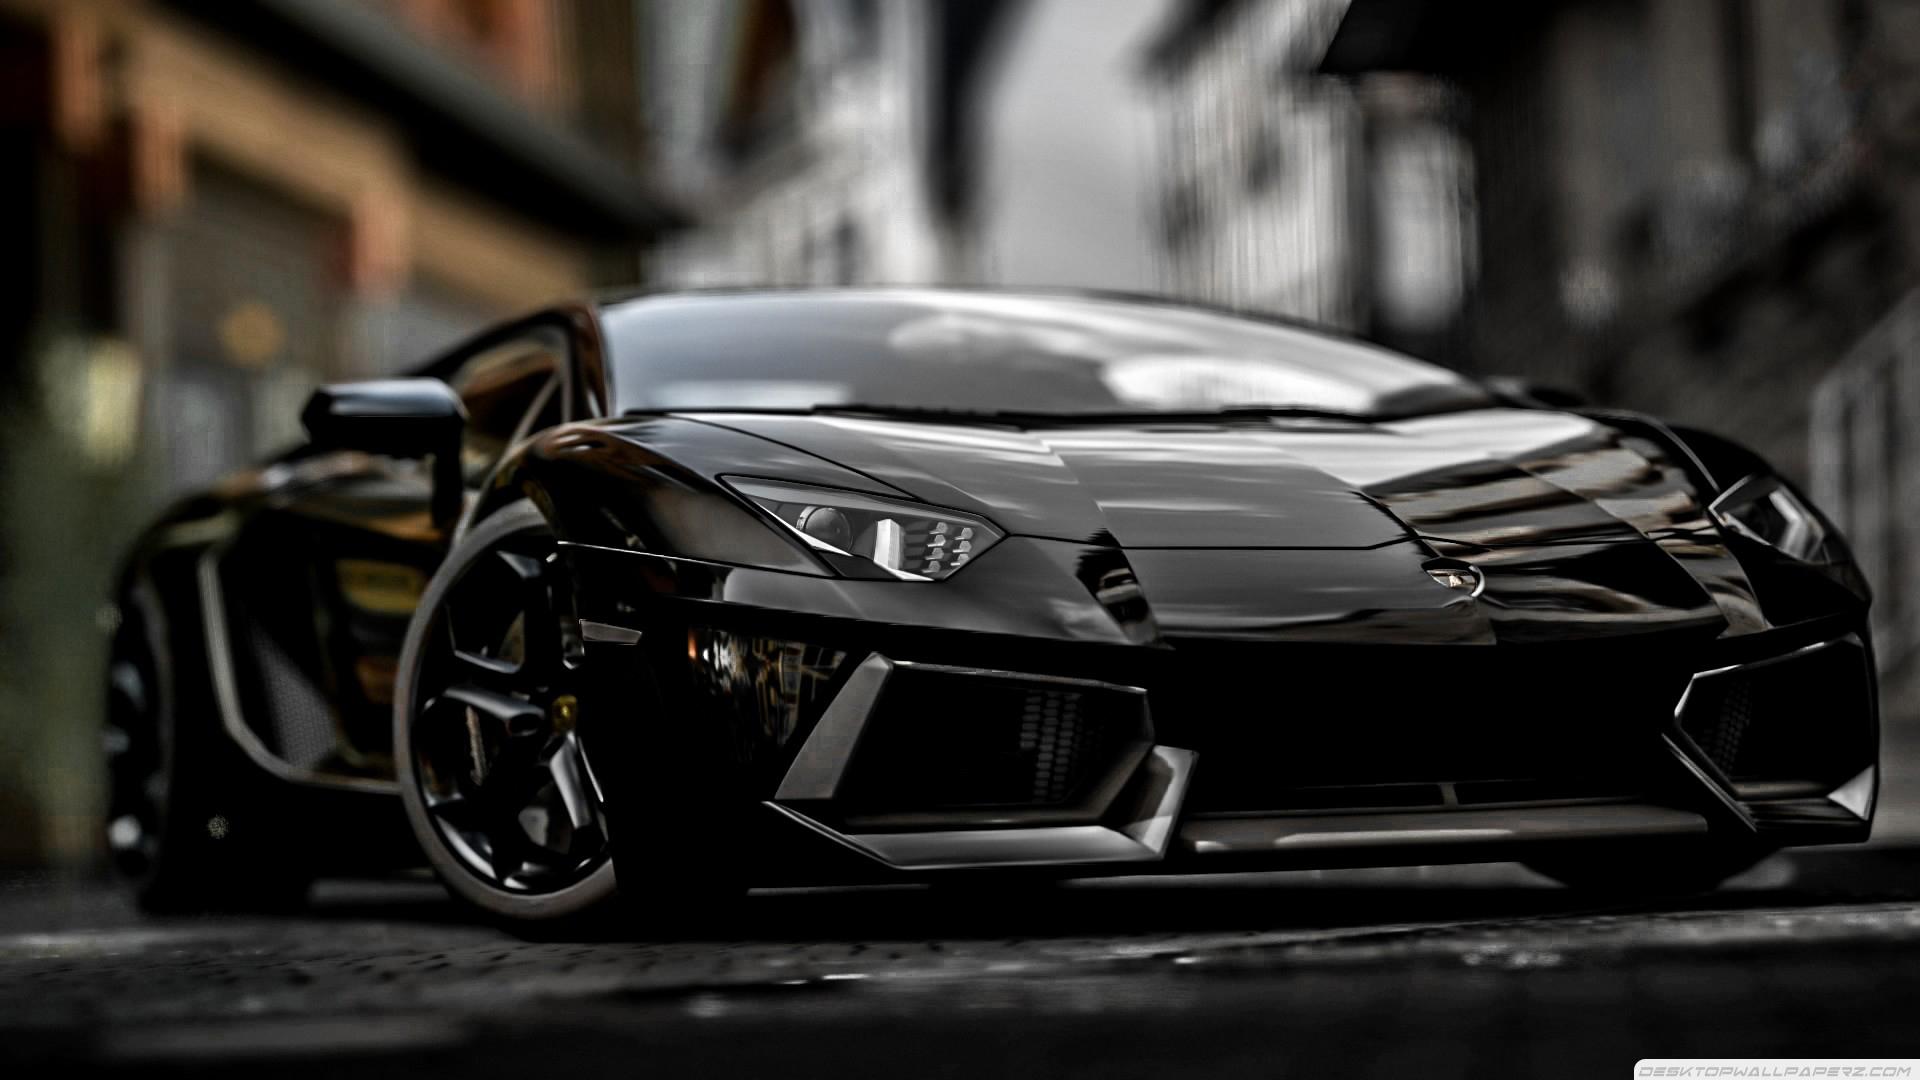 44 Black Lamborghini Aventador Wallpaper On Wallpapersafari